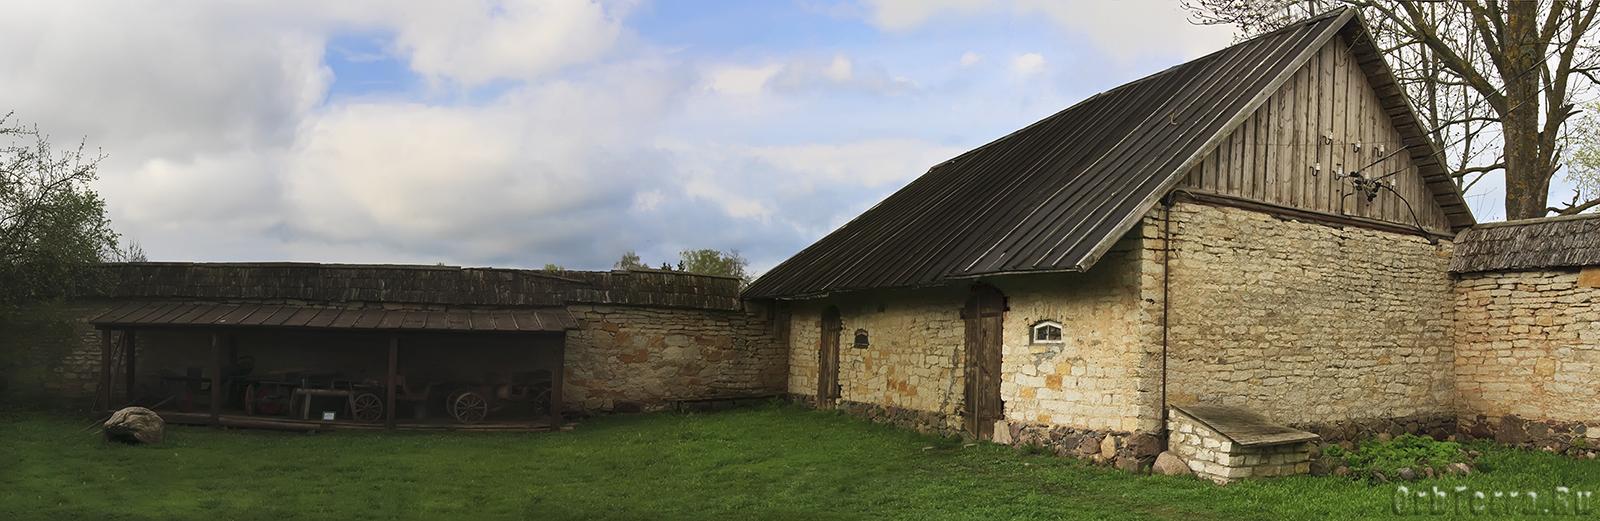 Задний двор Краеведческого музея. Здание льняного склада и ограда.